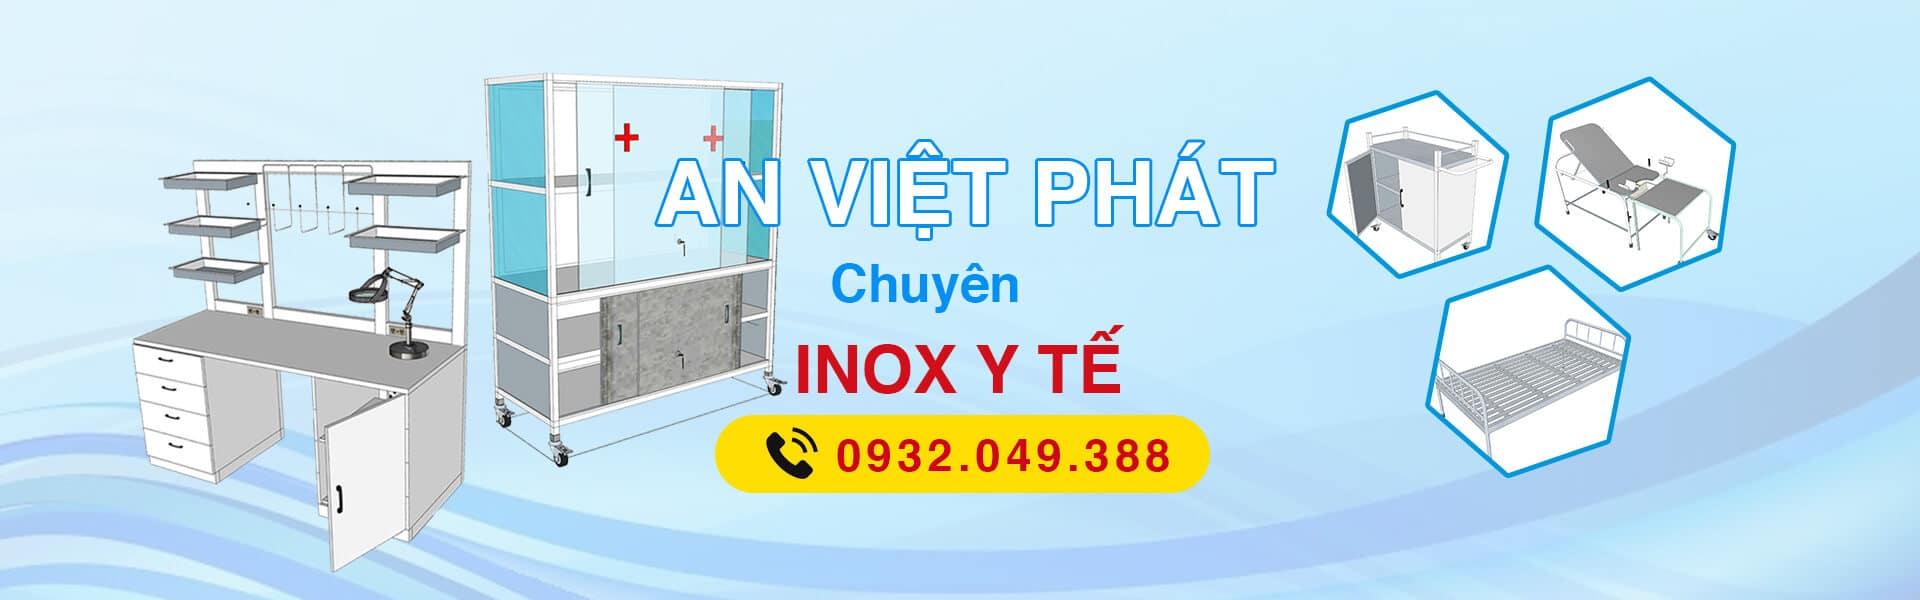 banner-inox-y-te